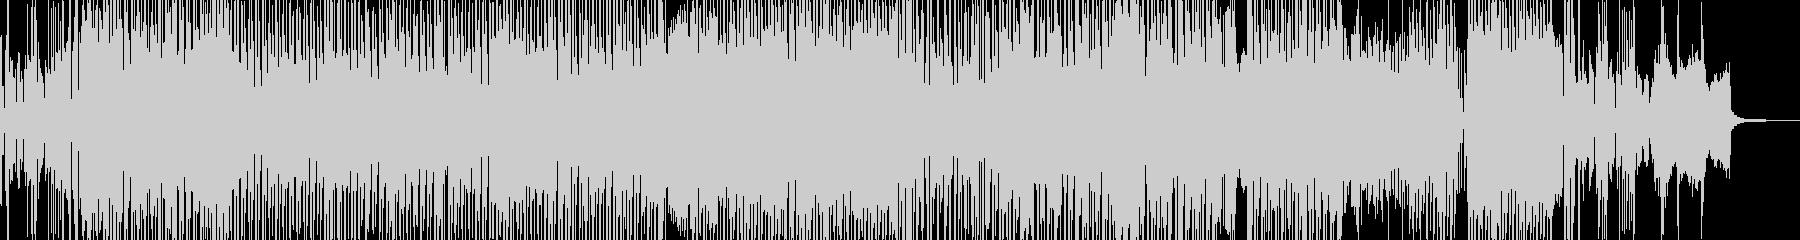 まったり&軽快・カントリーテクノ 短尺の未再生の波形